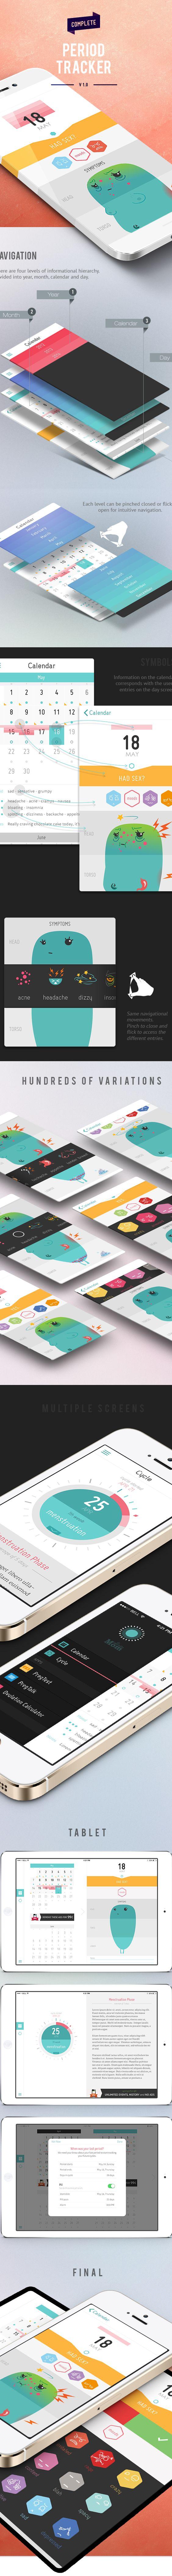 10-designs-dinterface-mobile-pour-votre-inspiration-blographisme-03